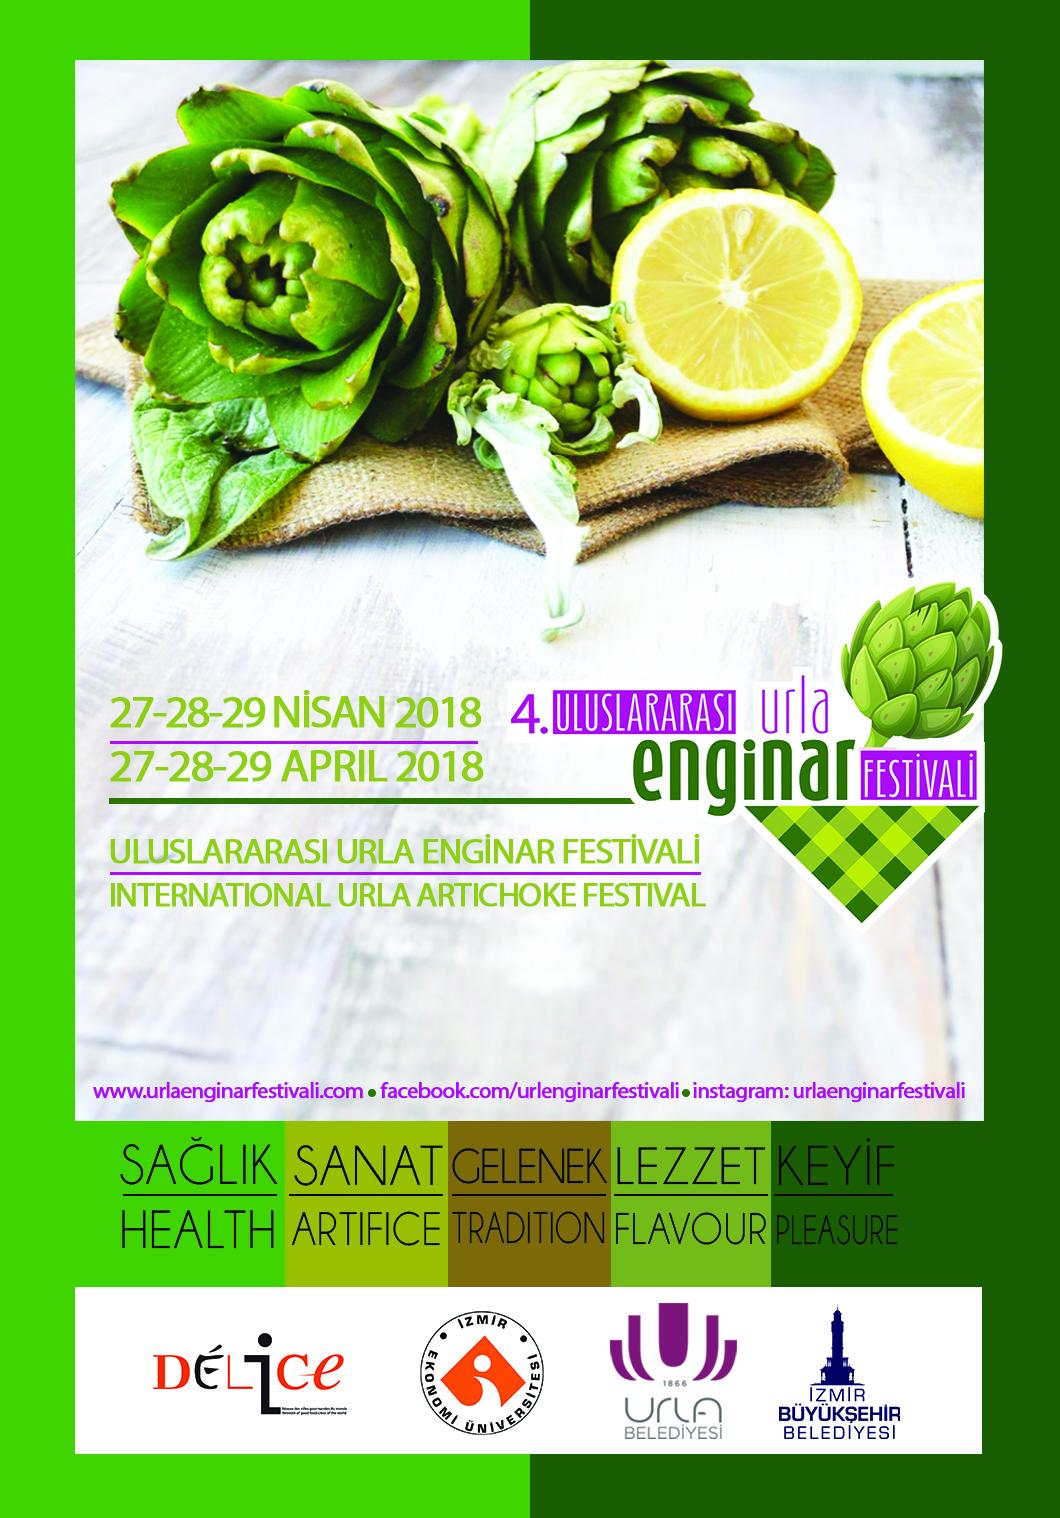 4. Uluslararası Urla Enginar Festivali 27 - 28 - 29 Nisan 2018 tarihlerinde sakız enginarın kalbi Urla\'da.